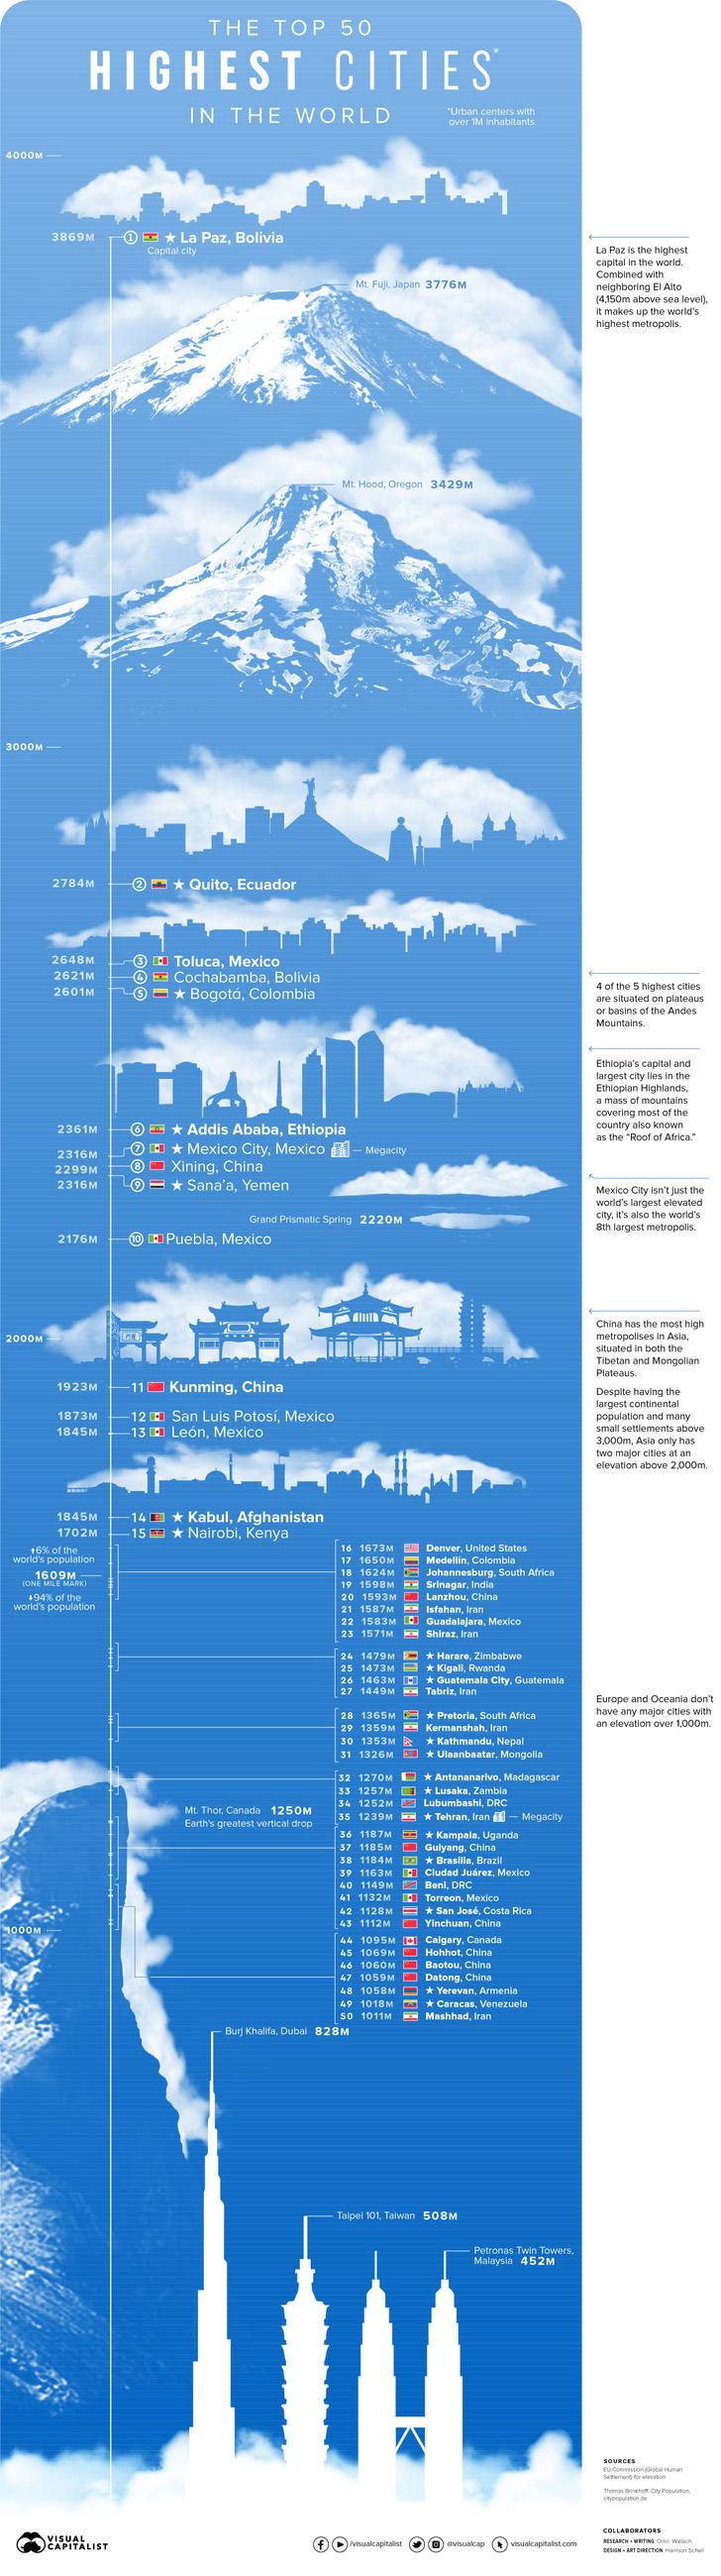 Фото №1 - Выше гор: самые высоко расположенные мегаполисы планеты